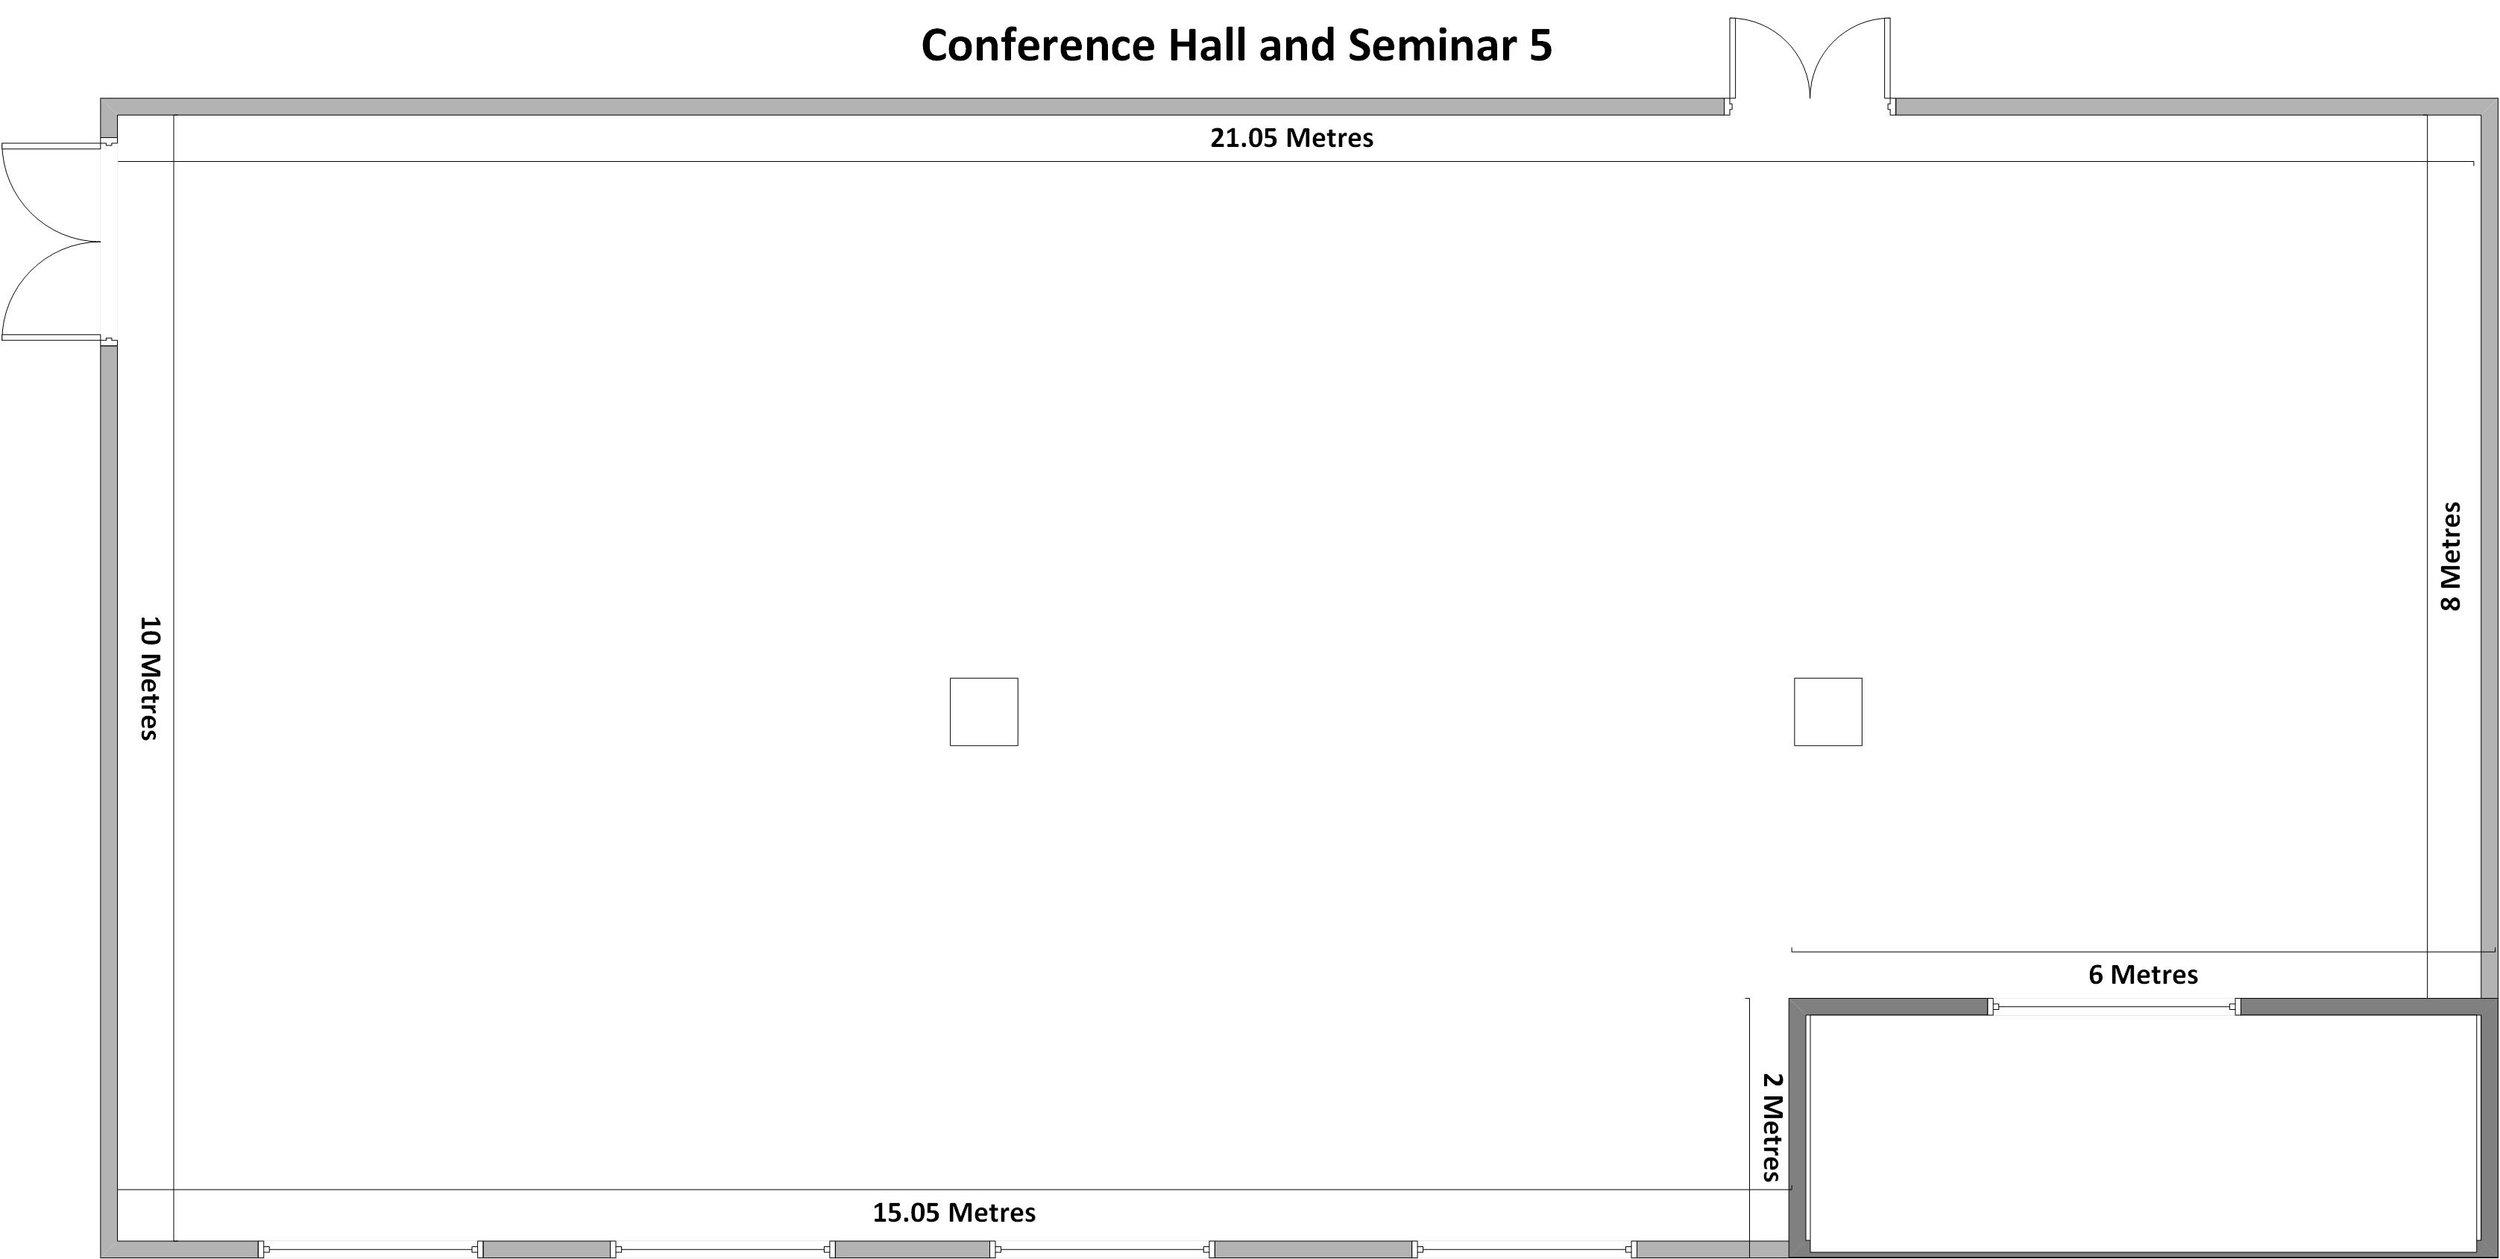 Conference Hall + Seminar 5 Floor Plan.jpg